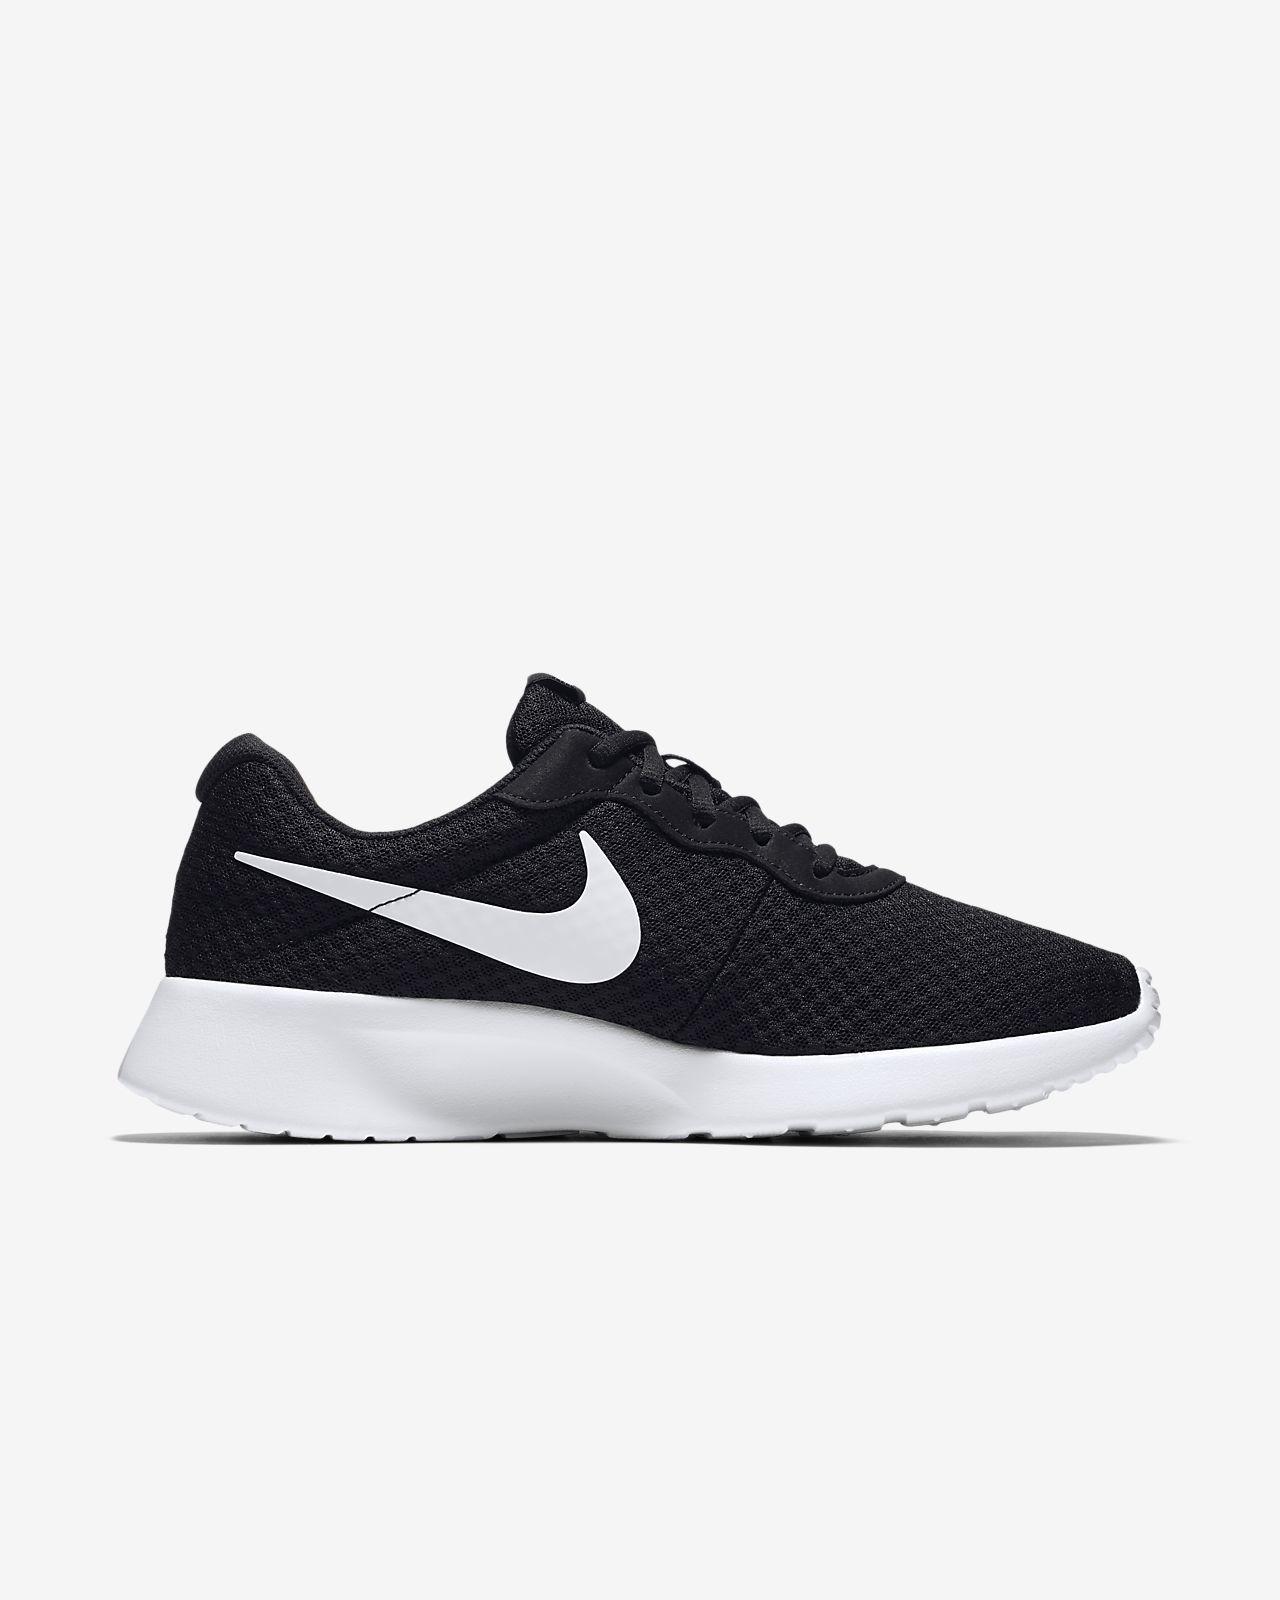 80ddb1624d5 Nouvel Arrivant Nike Tanjun Homme Chaussures Pas Cher Alainhemet